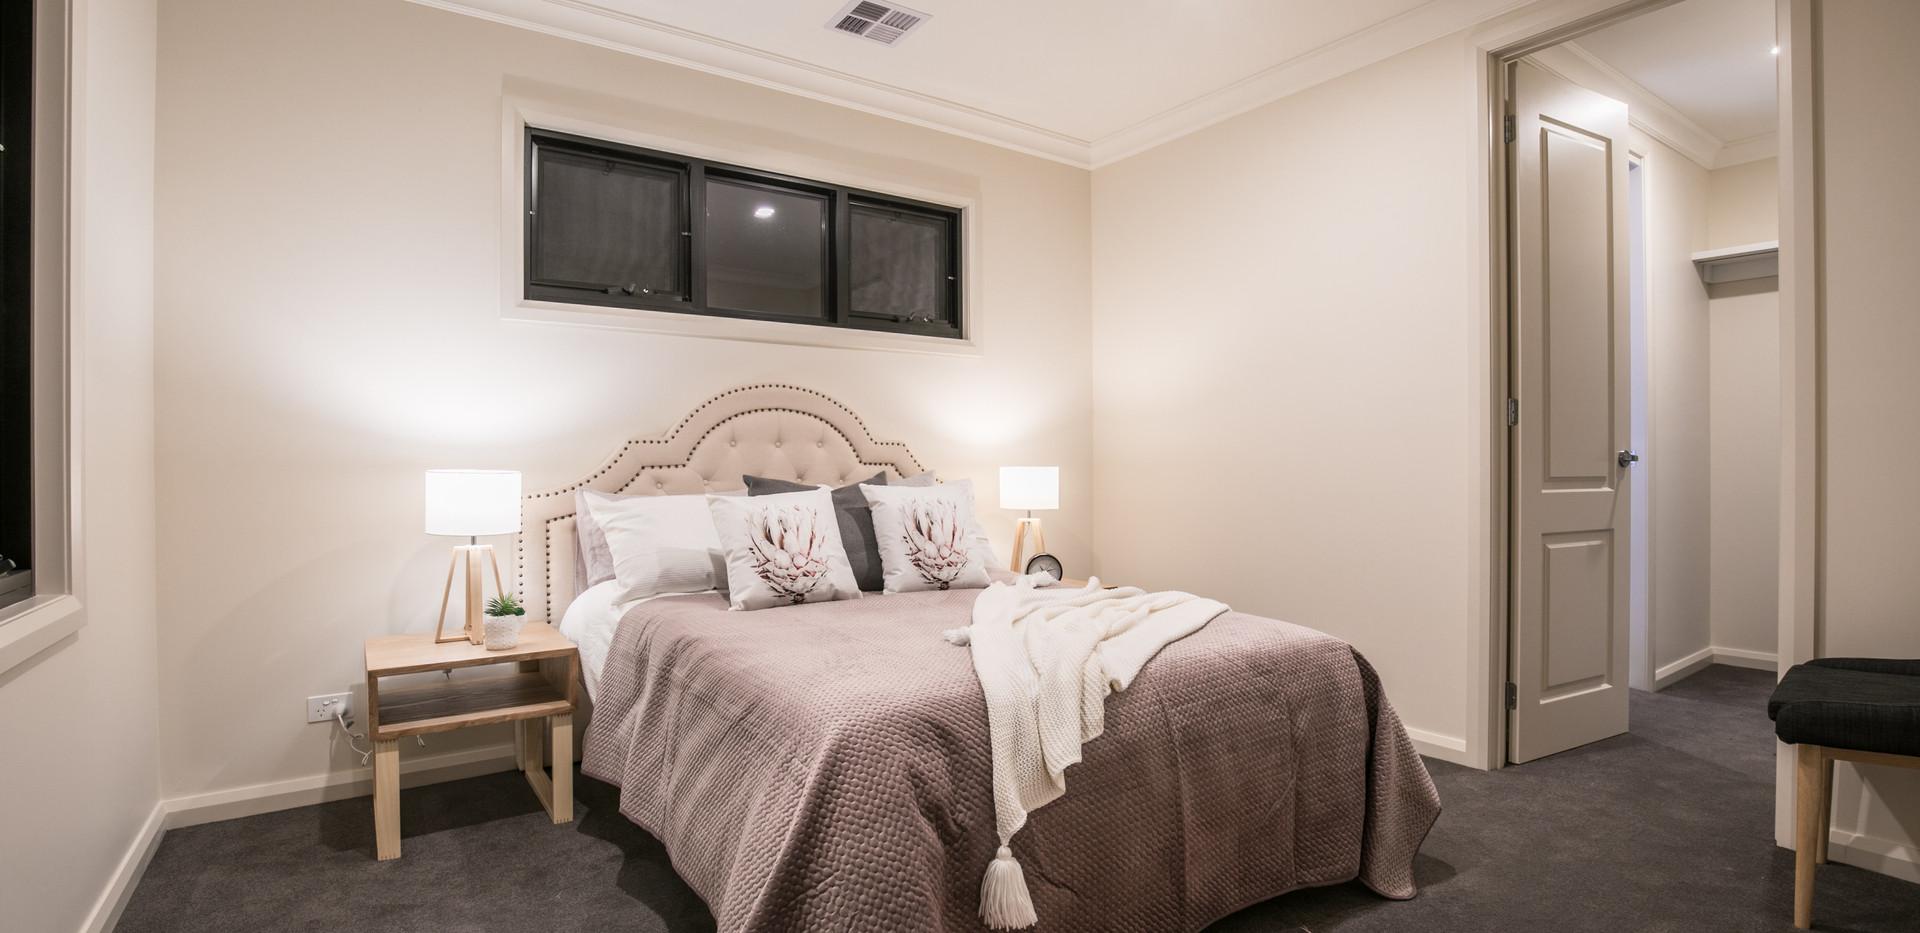 Finlayson Bedroom 1